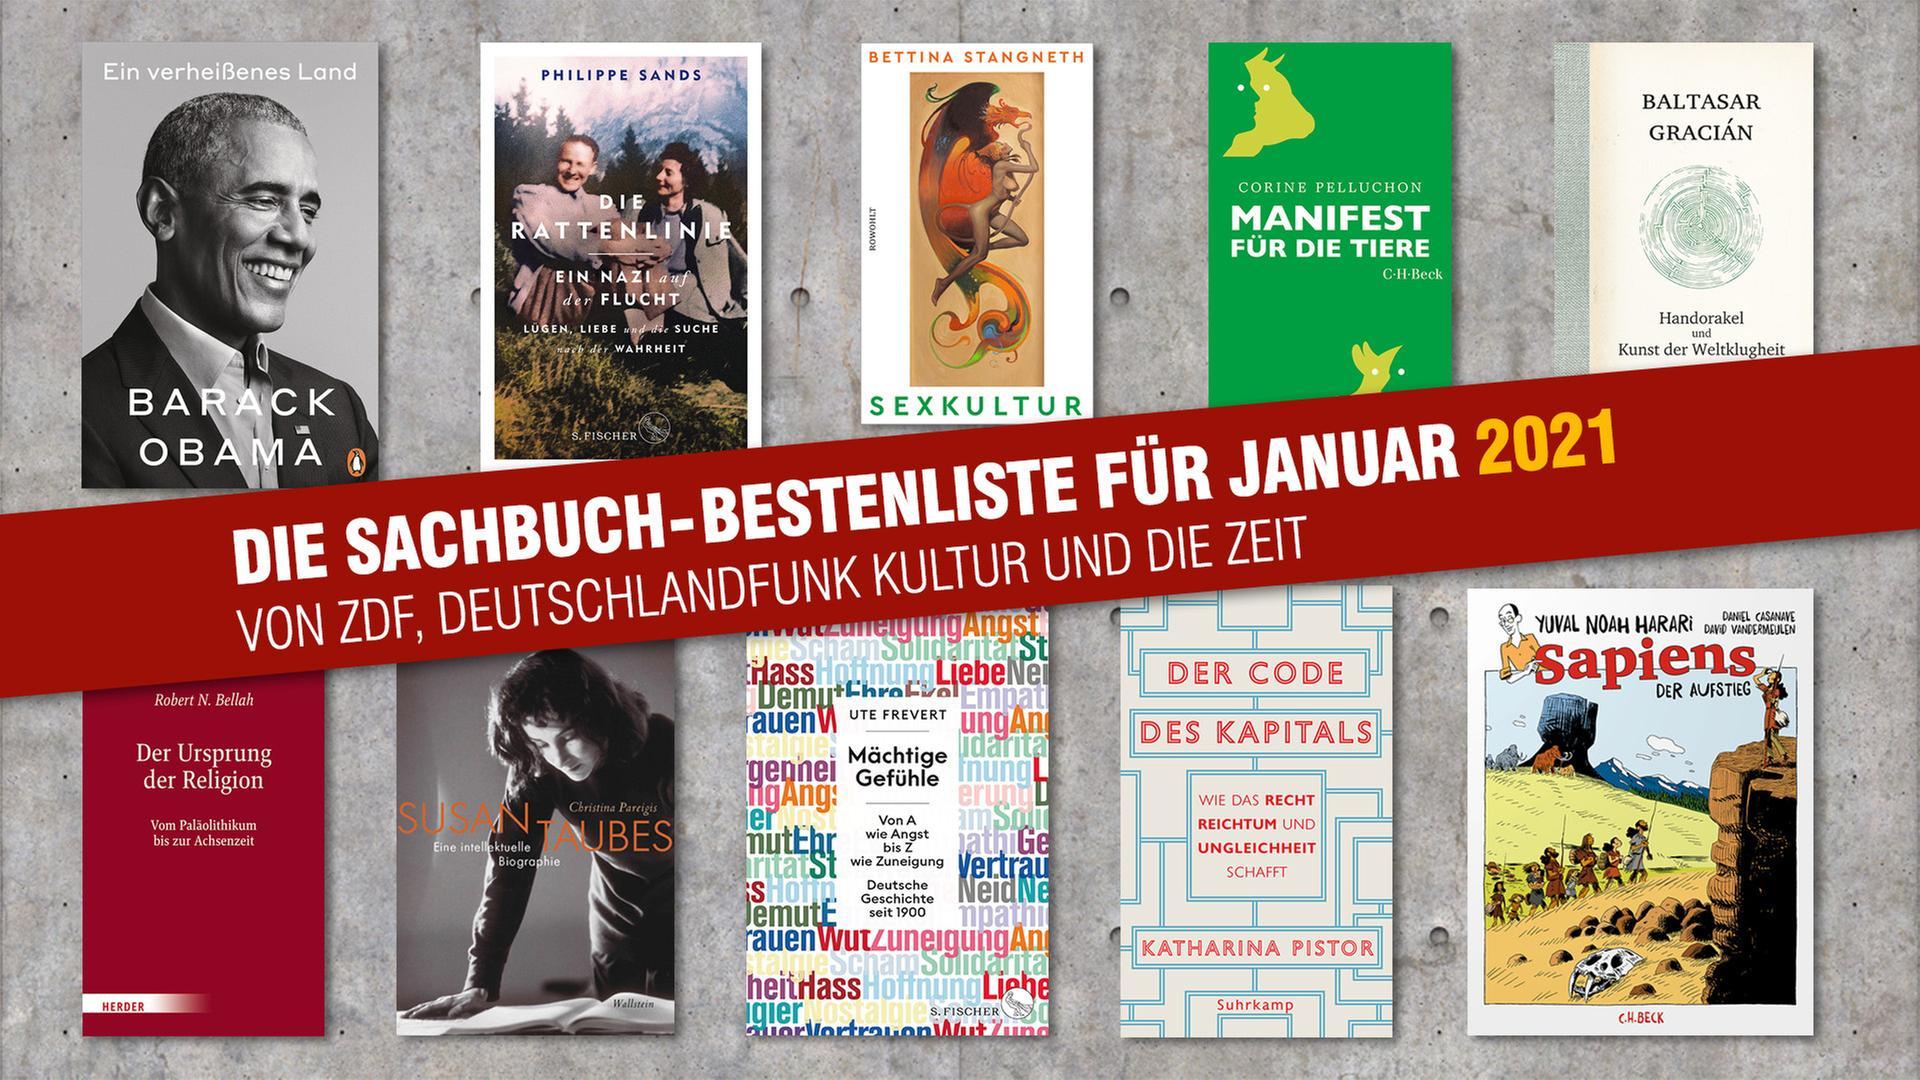 Die Sachbuch-Bestenliste für Januar 2021